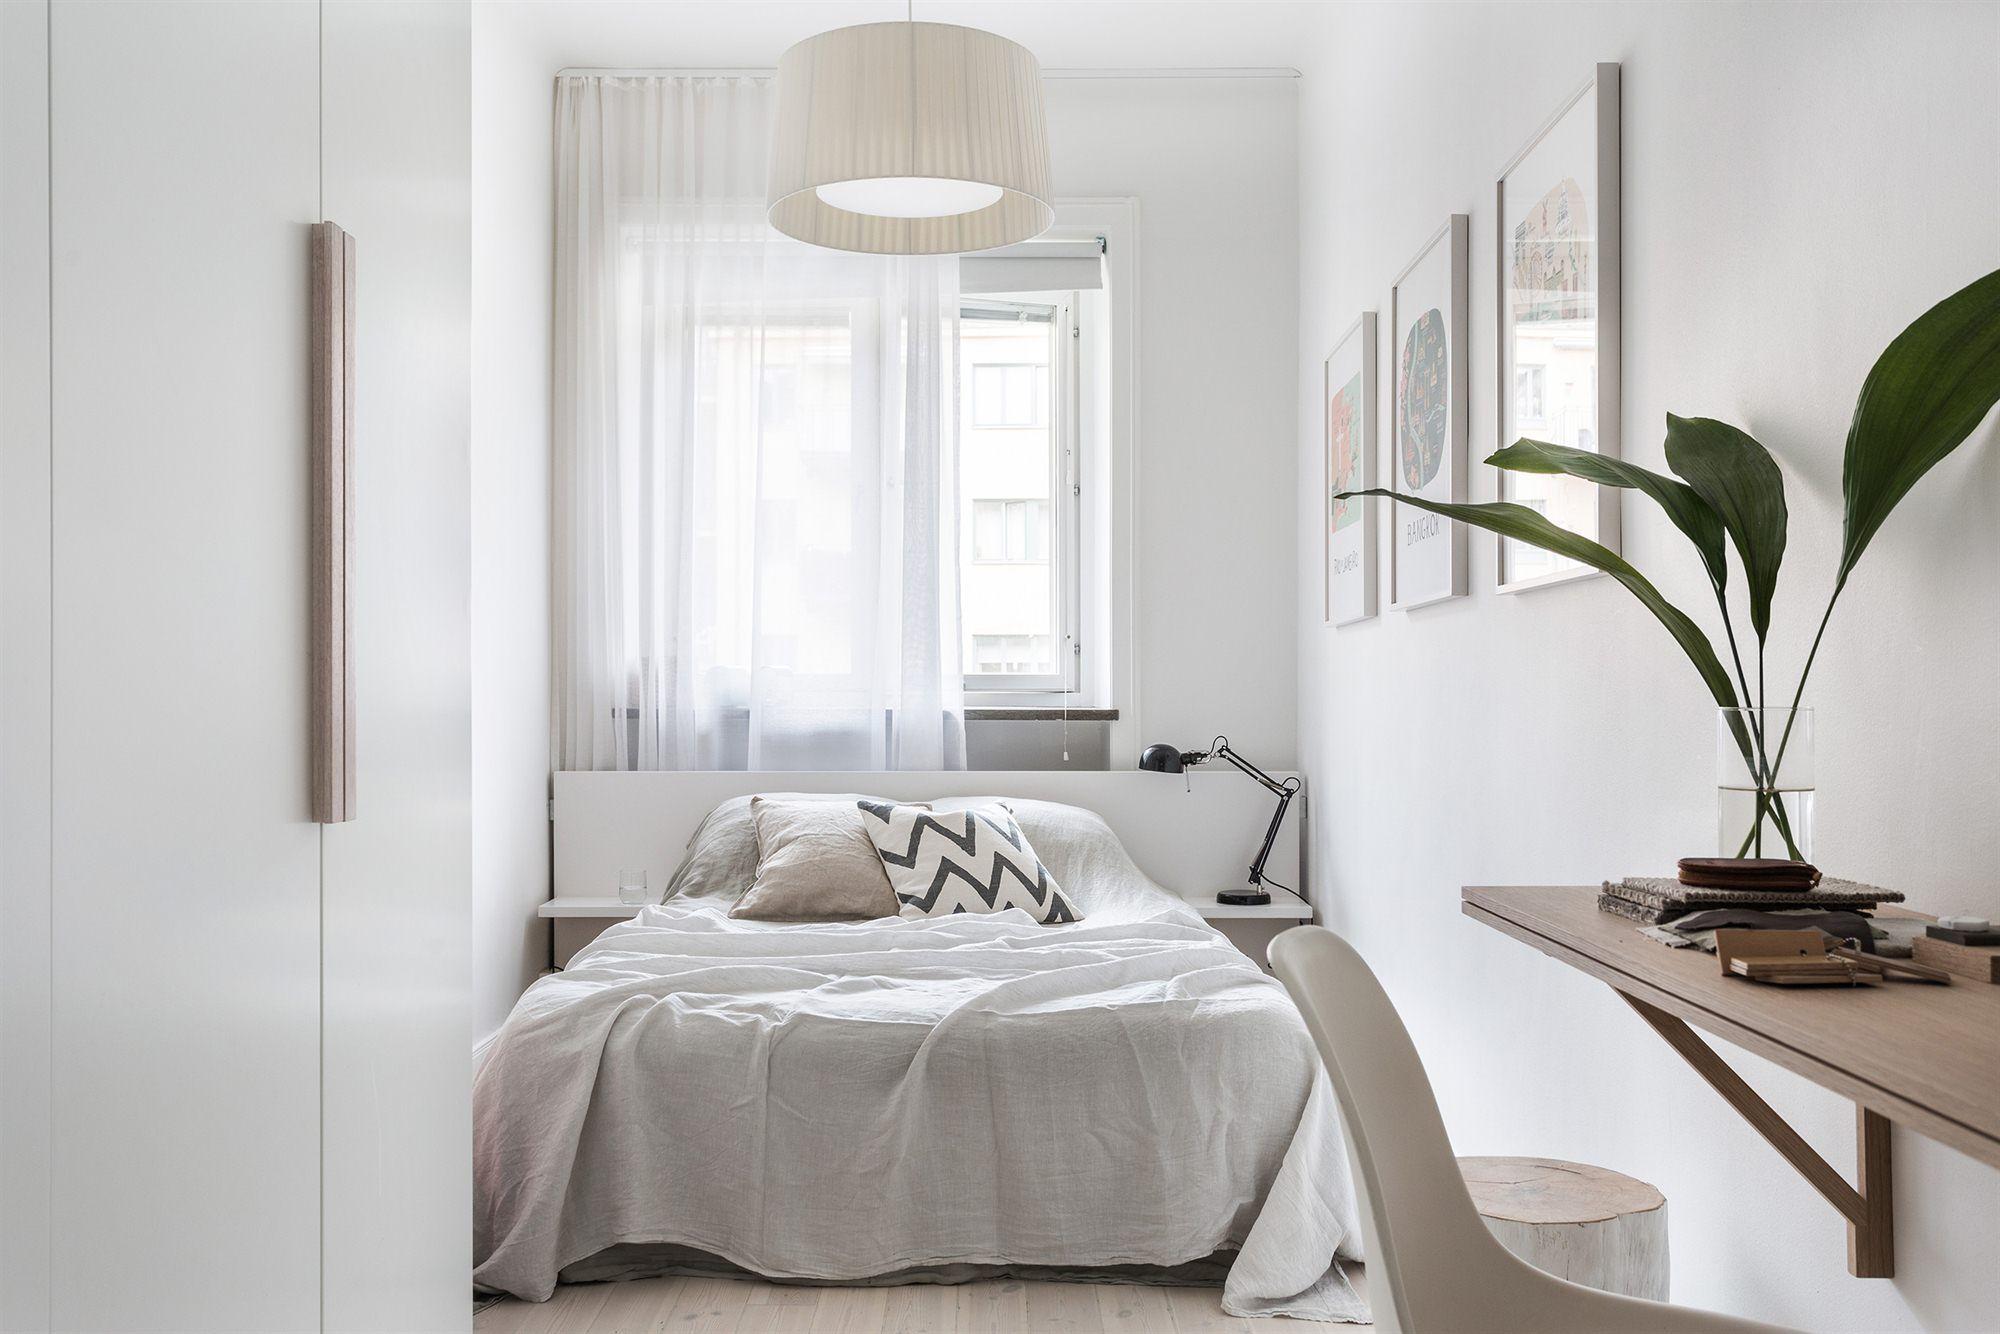 Dachboden schlafzimmer ~ Fantastic frank är en mäklarfirma som brinner för fantastiskt